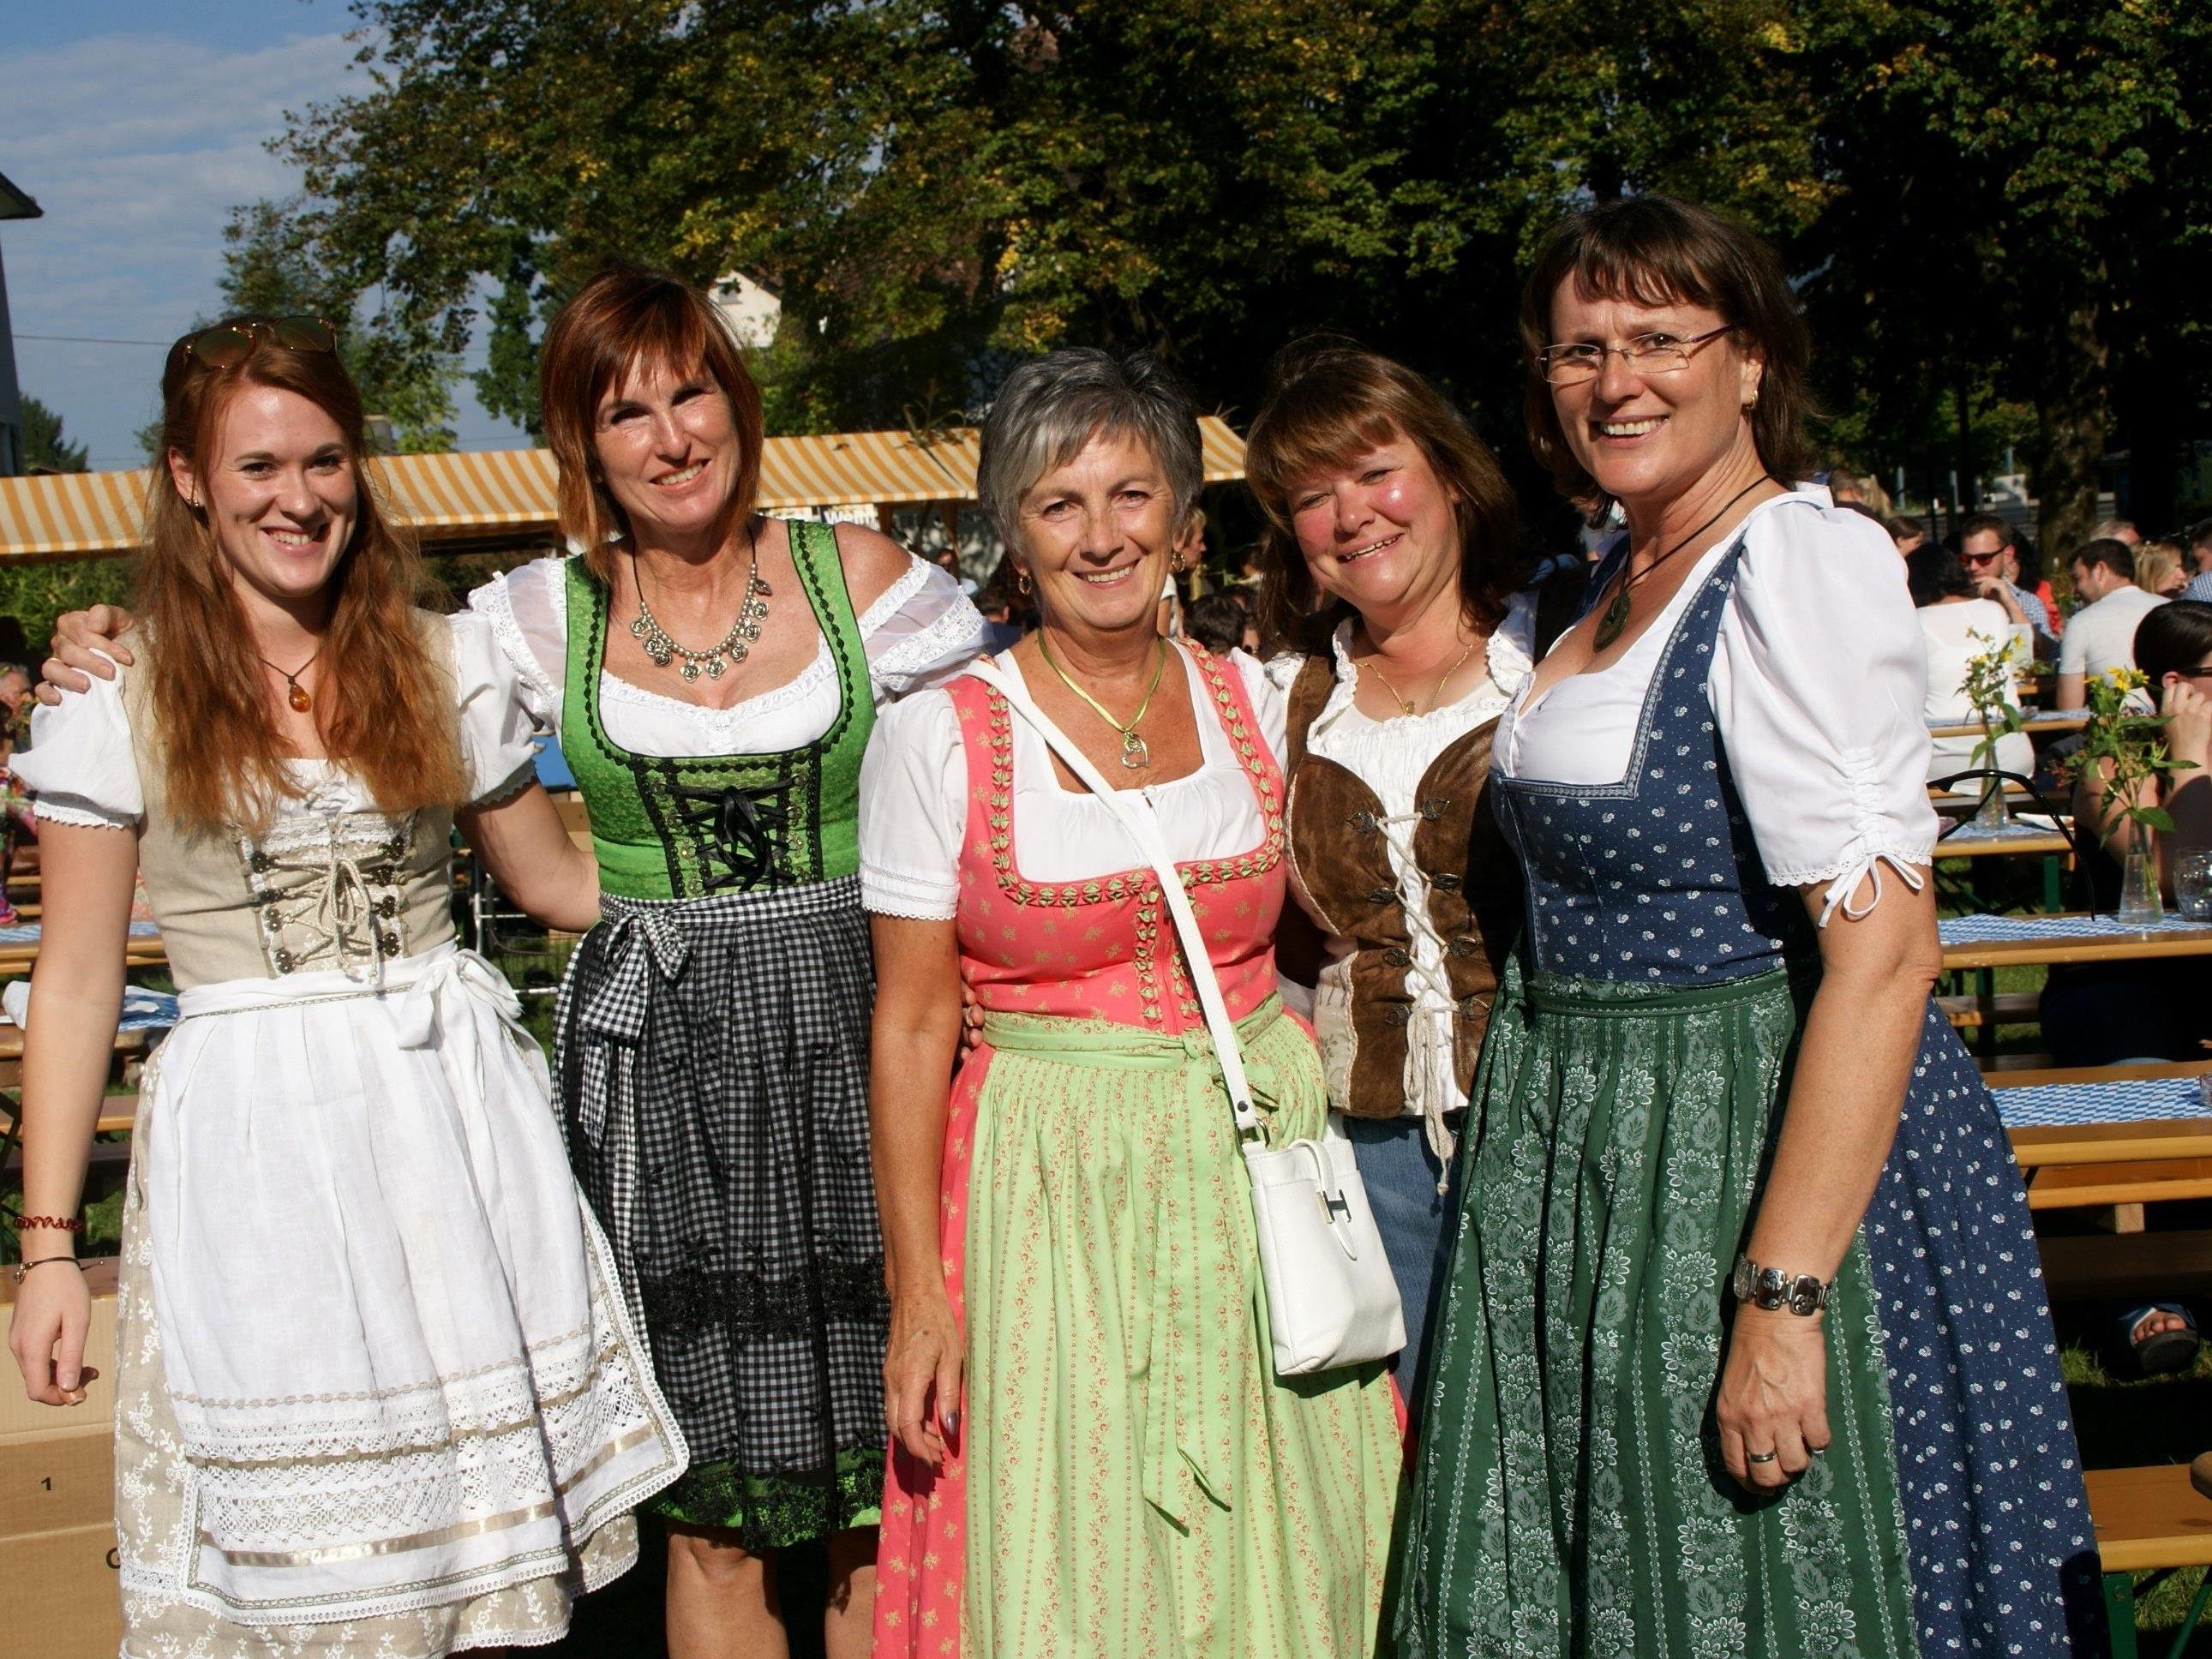 Die Damen erschienen im flotten Dirndl auf der Wiesn.